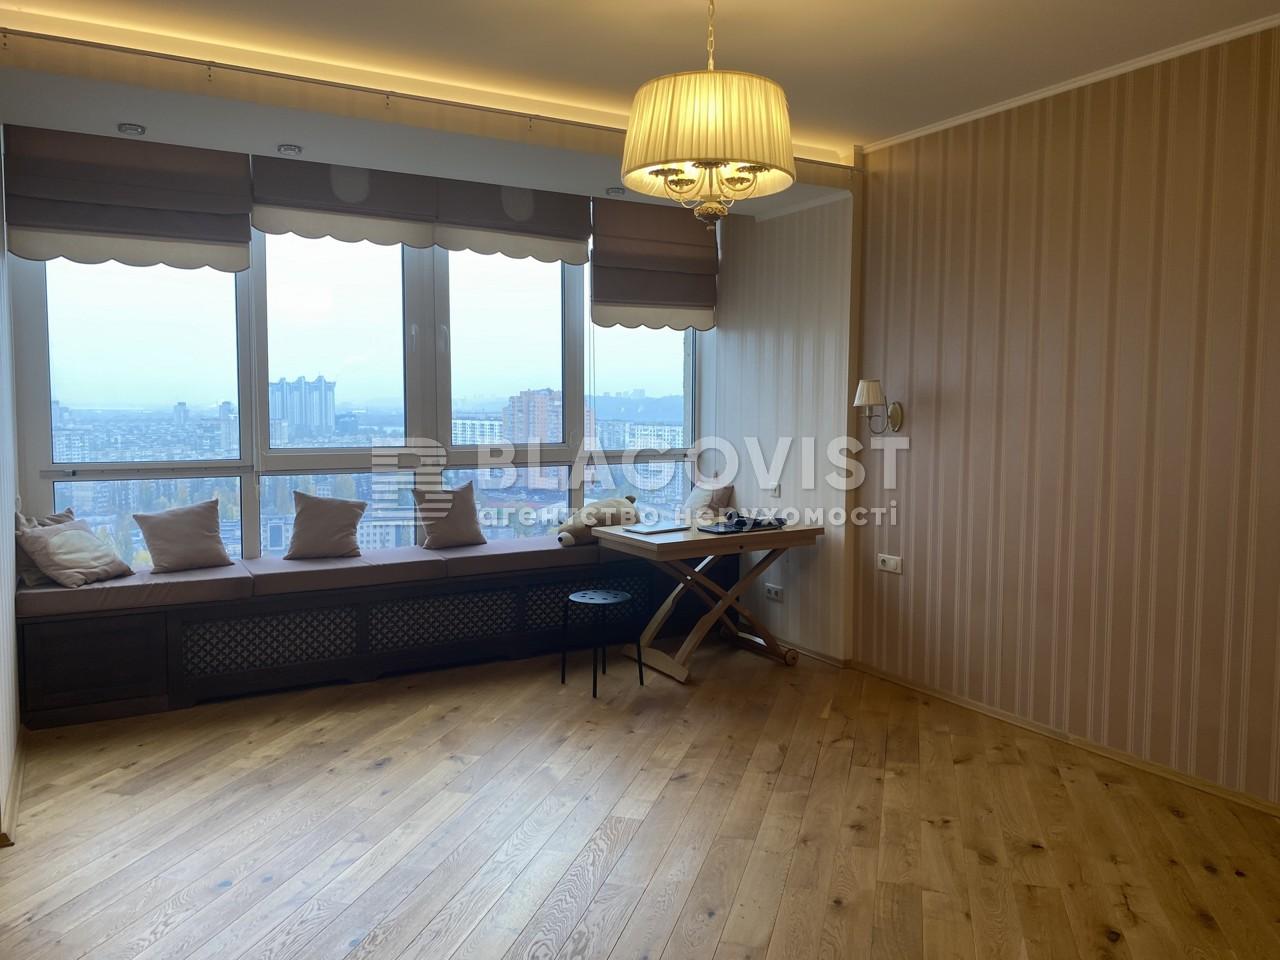 Квартира F-44130, Туманяна Ованеса, 15а, Киев - Фото 6